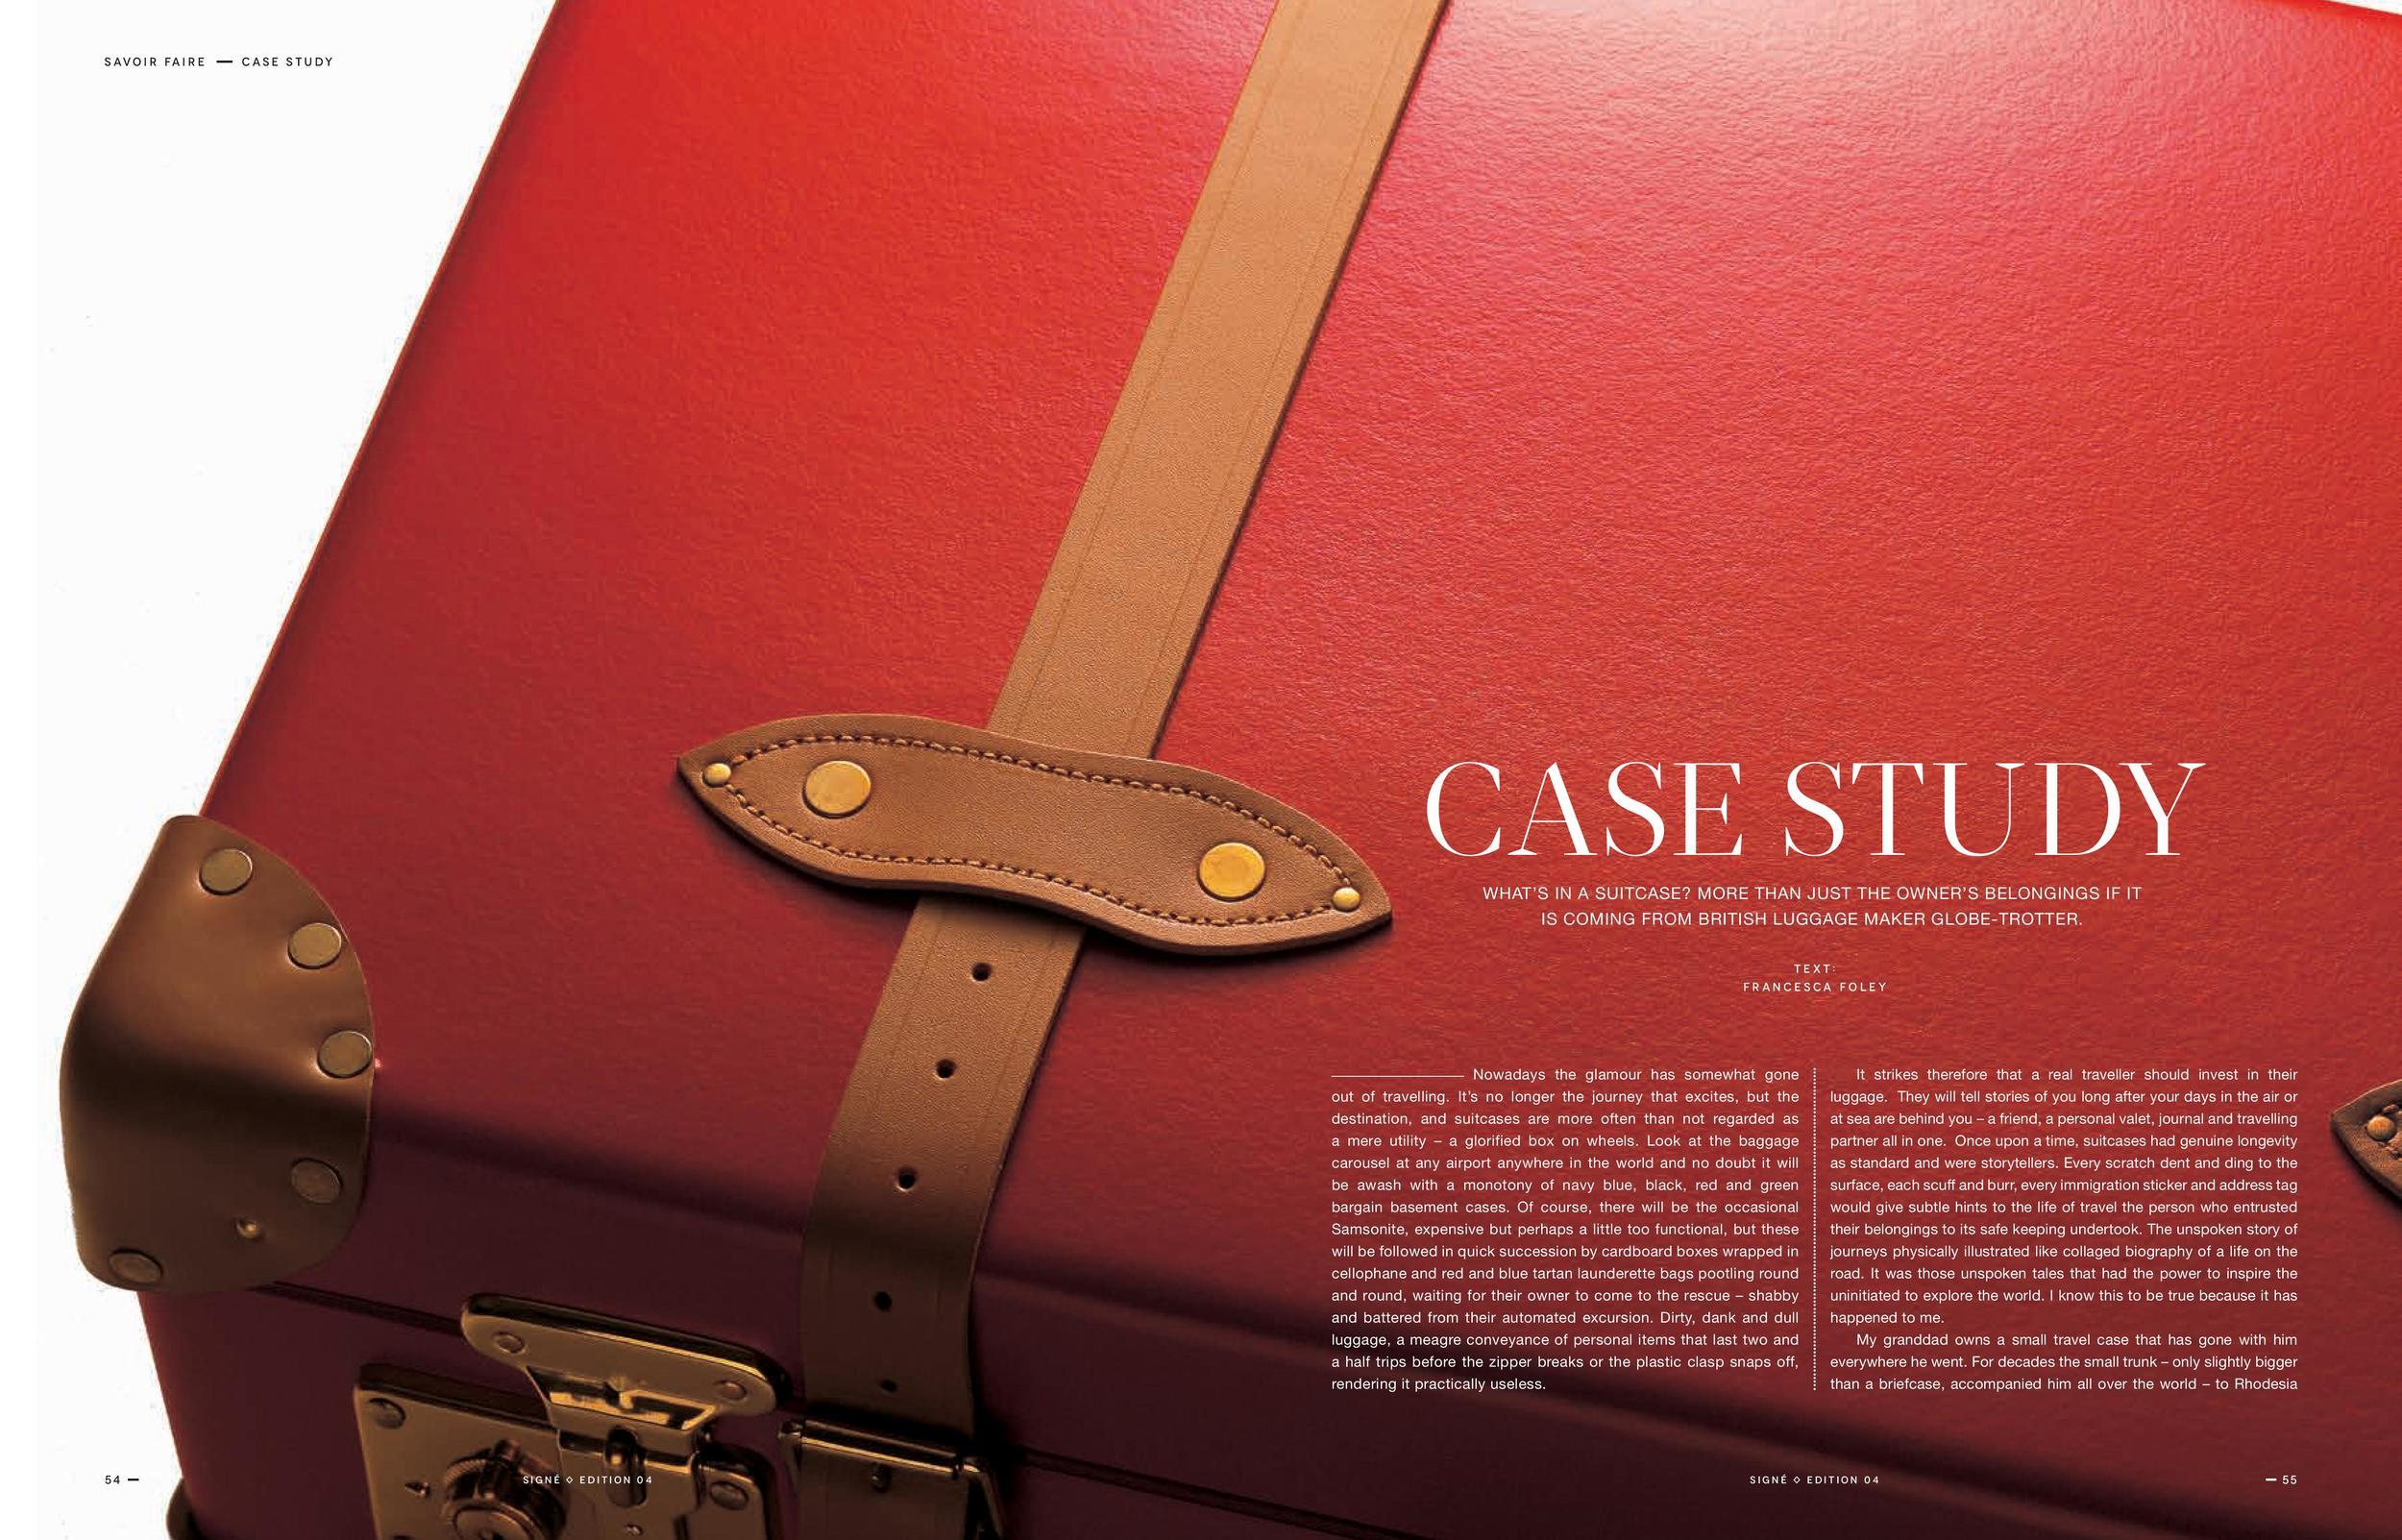 Signé - Edition 04-page-001.jpg